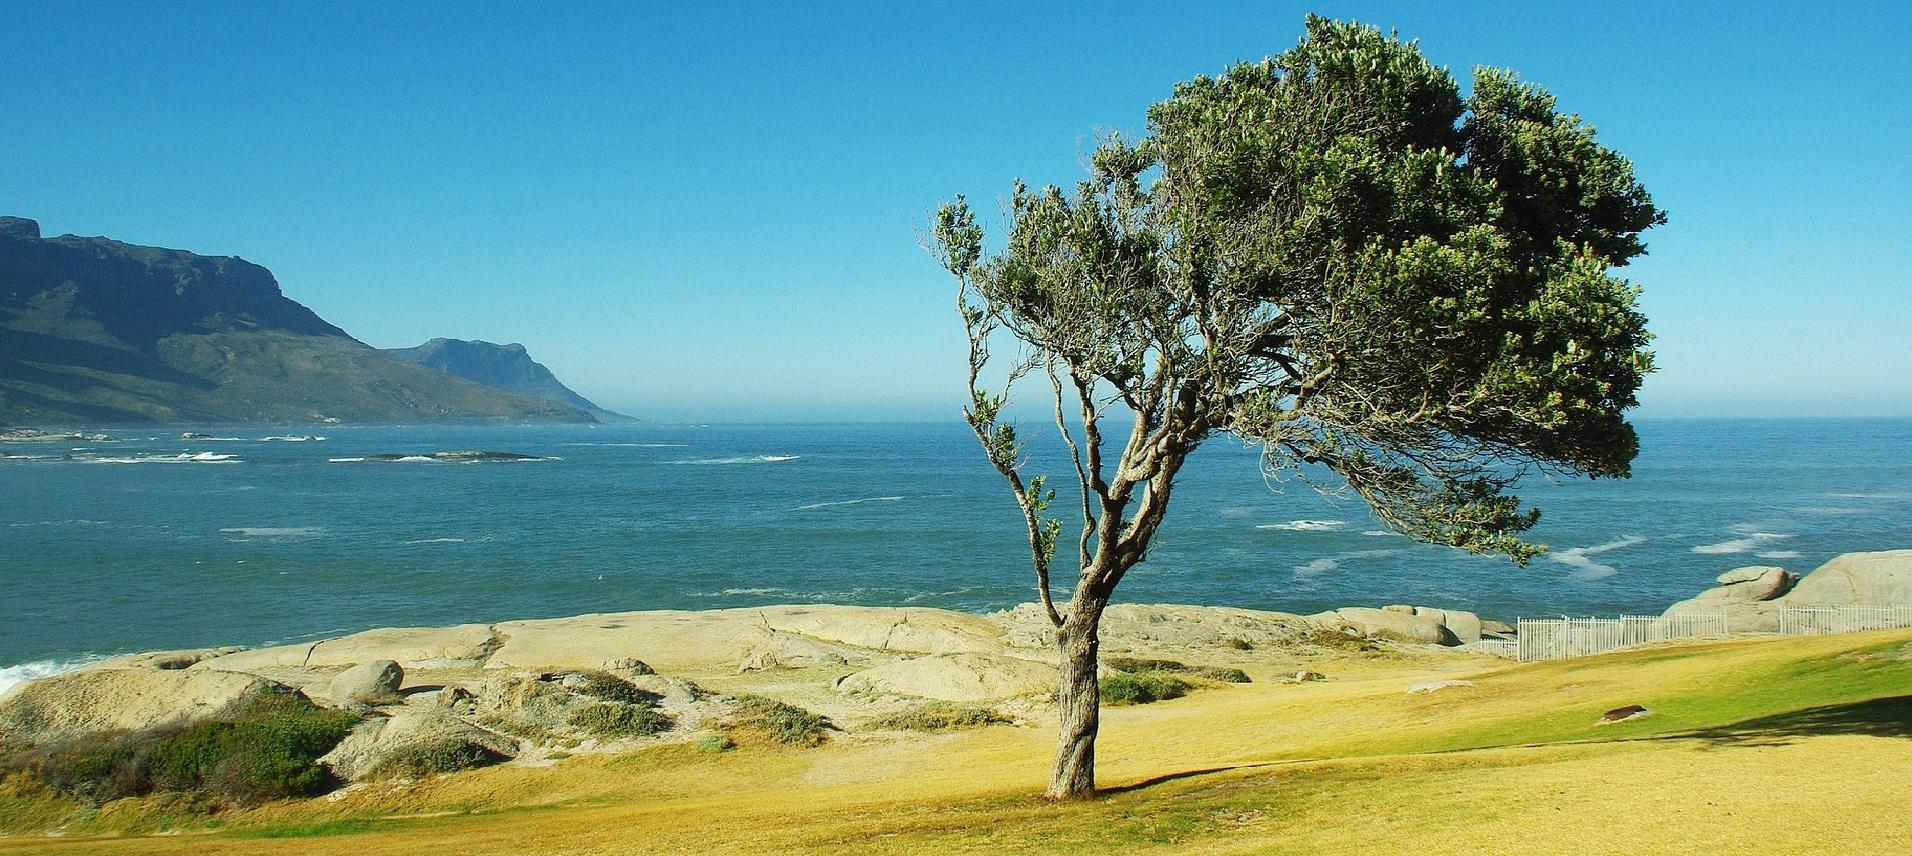 Baum im Wind in der Sonne